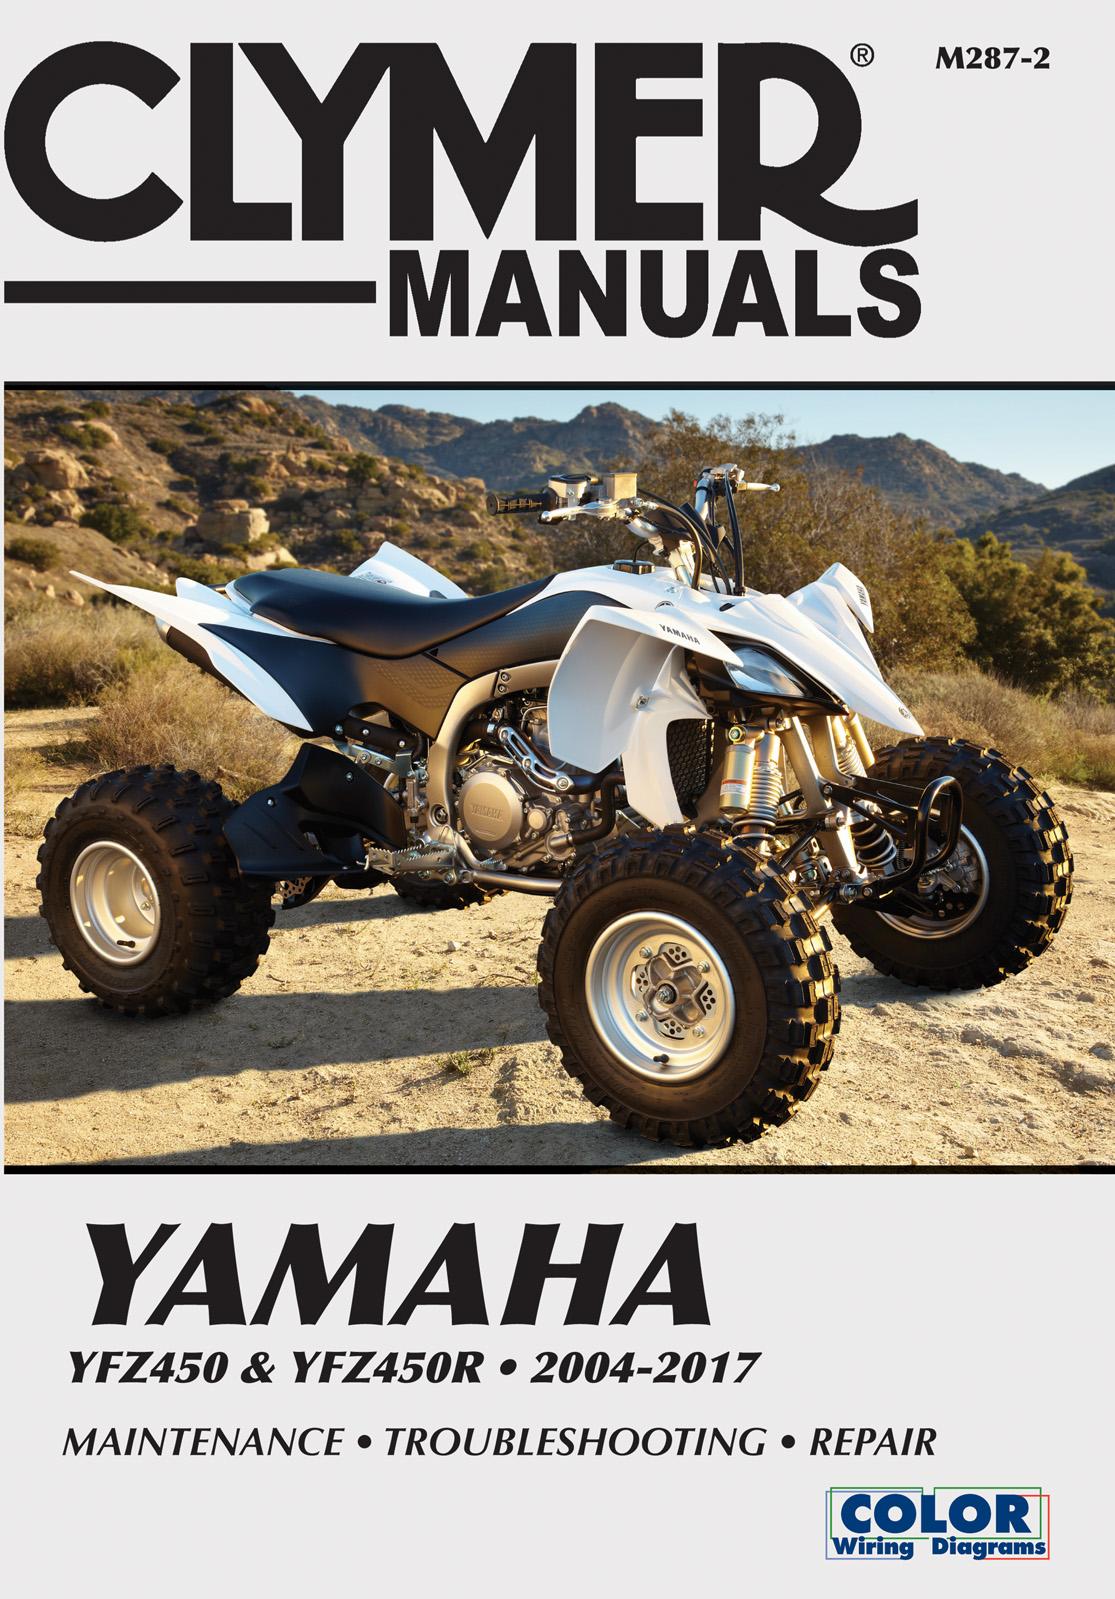 yamaha yfz450 yfz450r atvs 2004 2017 service repair manual rh haynes com 2012 Yamaha YFZ450R 2013 Yamaha YZF 450R